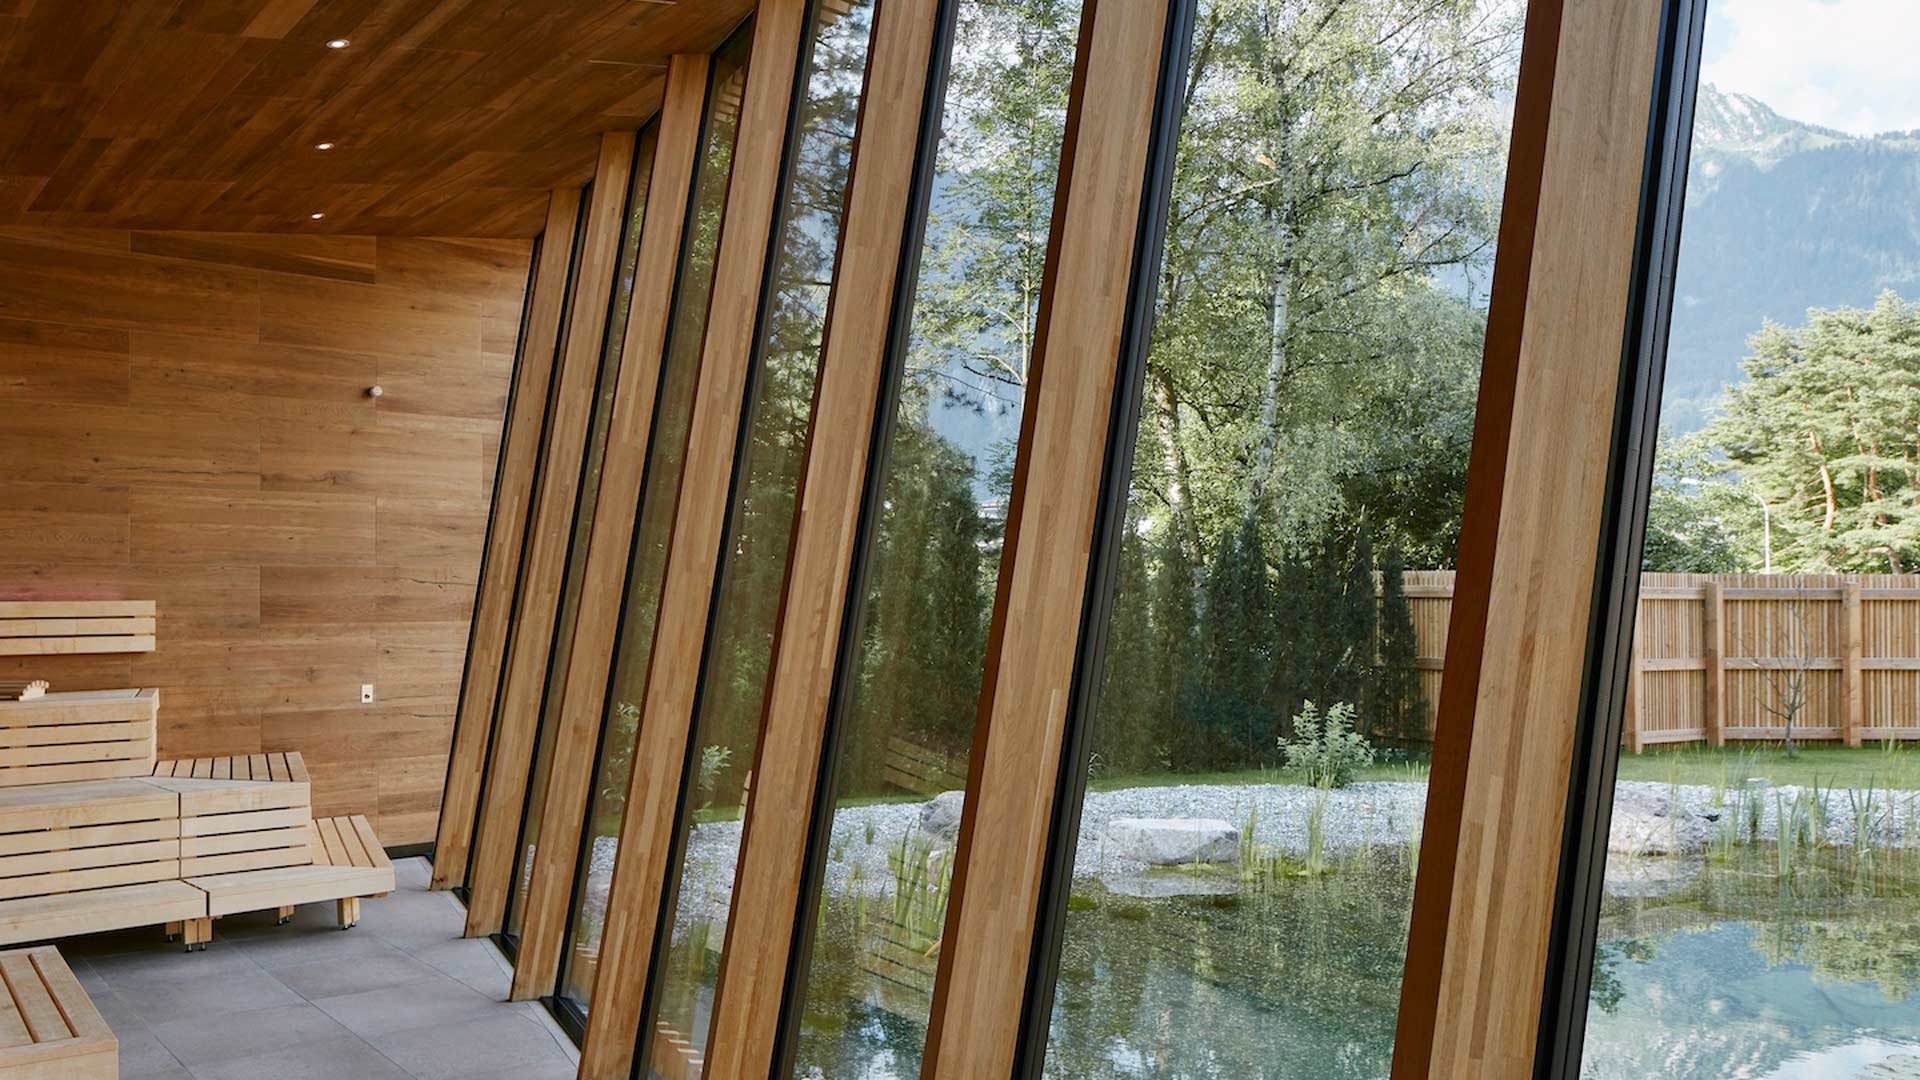 Ausblick von der Sauna zum Naturteich